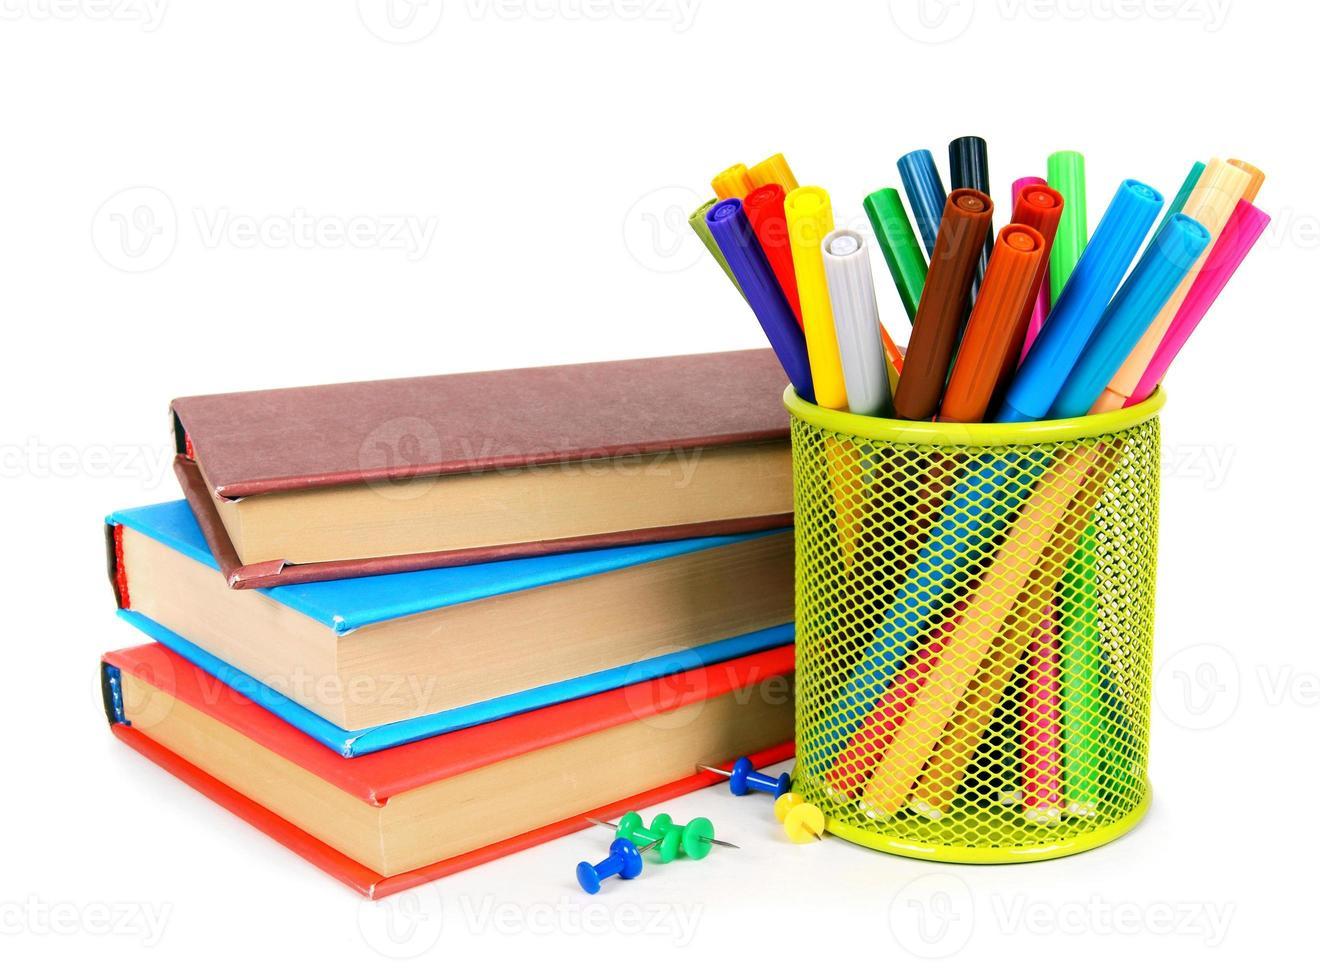 böcker och pennor. på vit bakgrund. foto